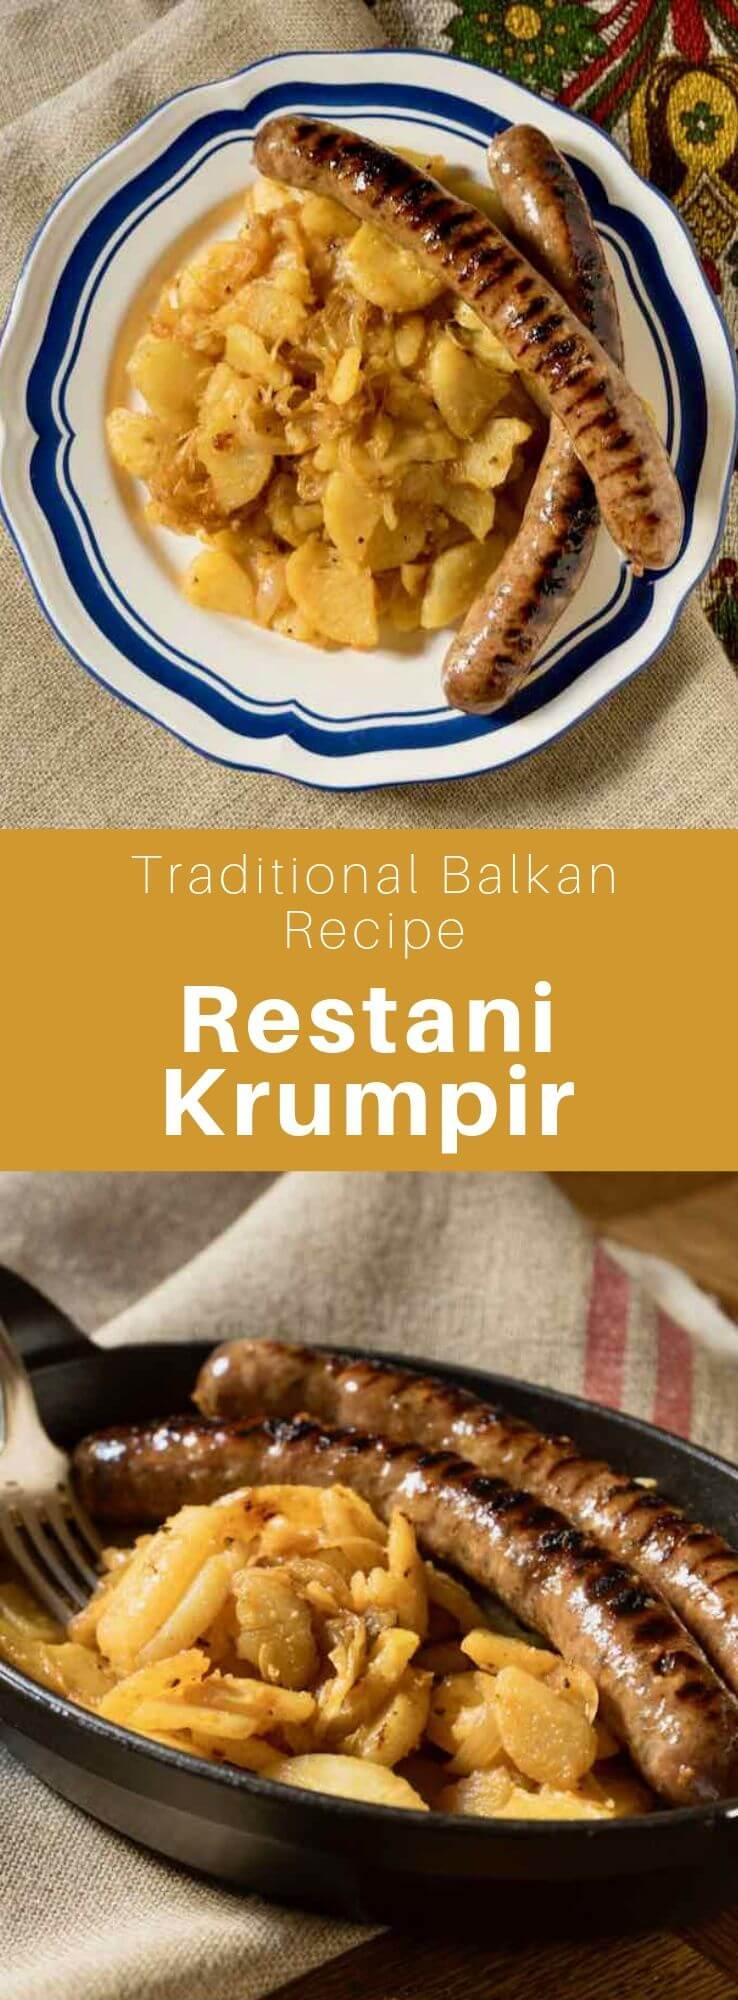 El restani krumpir es un desayuno o plato croata tradicional hecho con patatas salteadas que se sirven con salchichas.